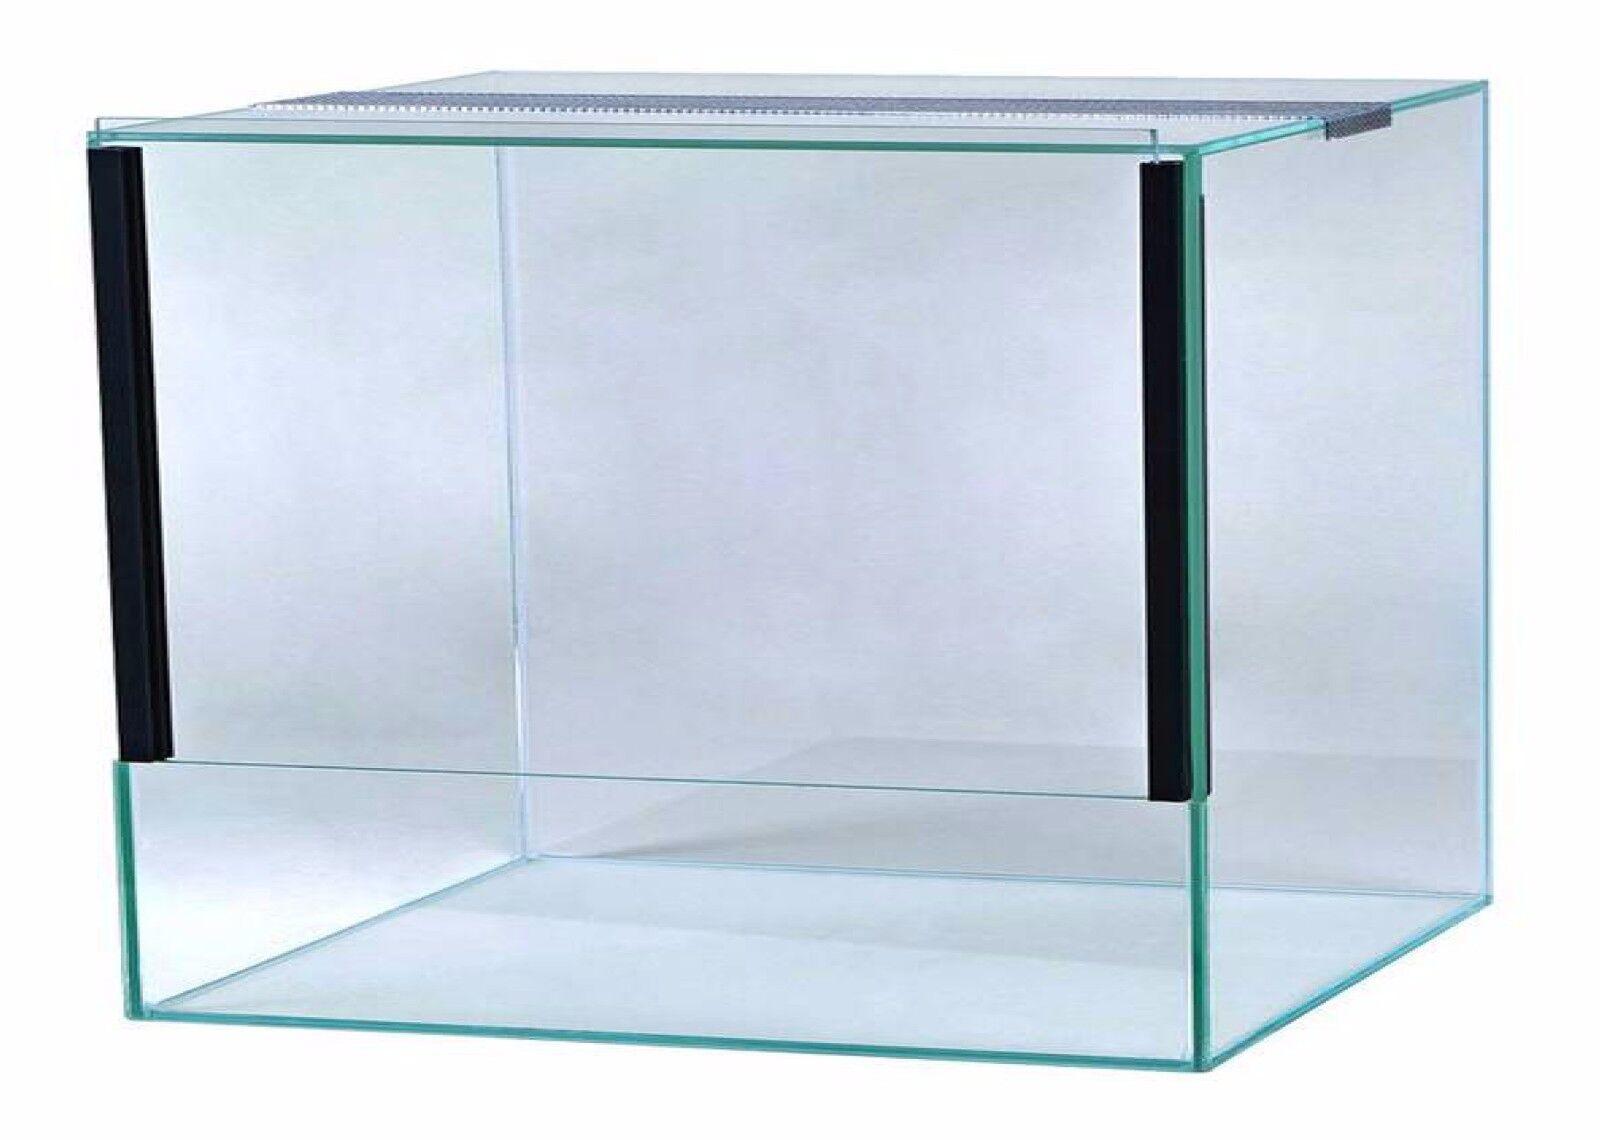 Glas Terrarium Schiebetür Falltür Glasterrarium Reptilien Spinnen viele Größen 40x30x30 Falltür